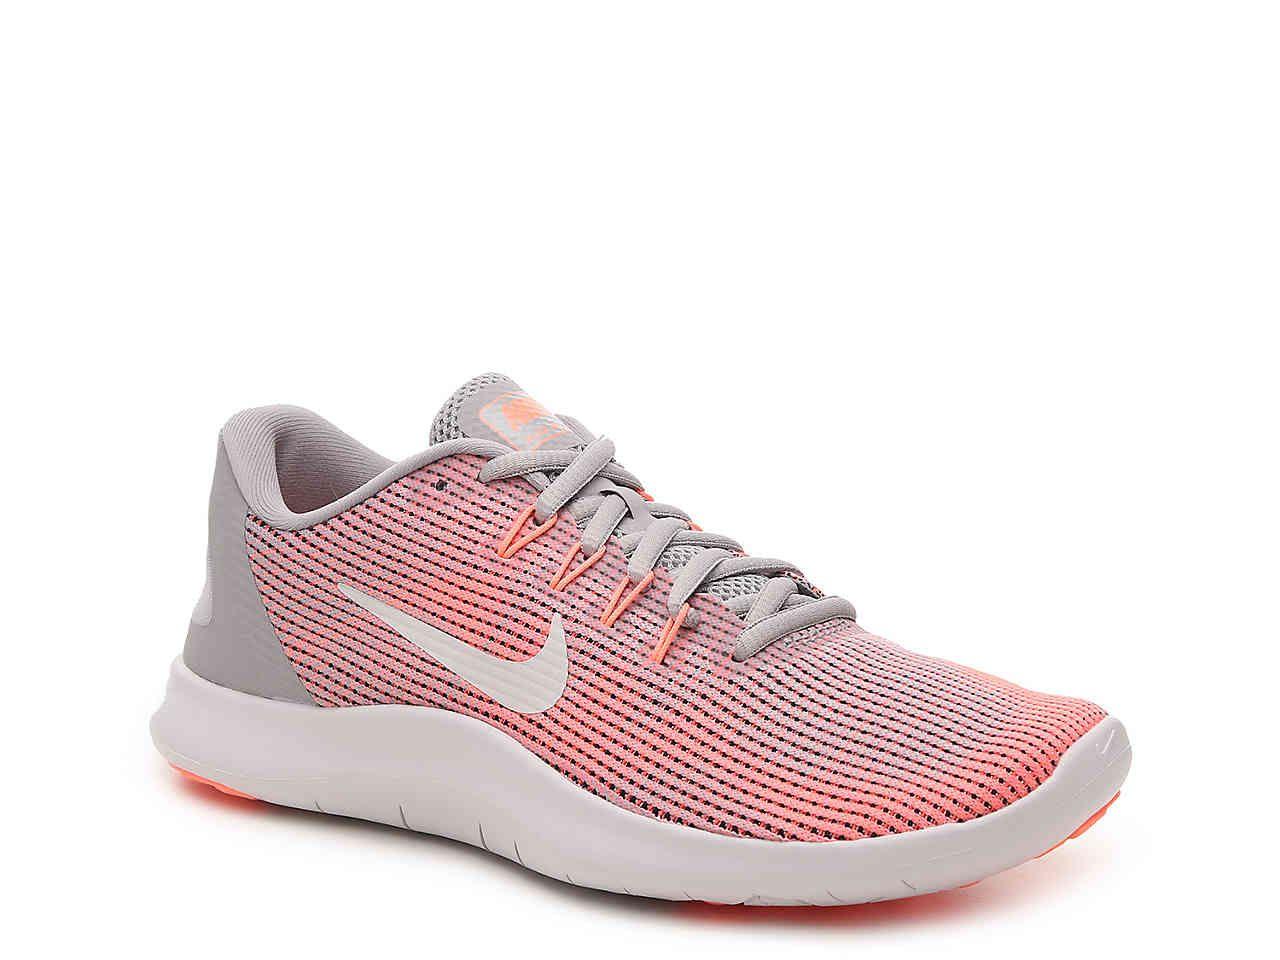 85475052fc13 Flex 18 RN Lightweight Running Shoe - Women s